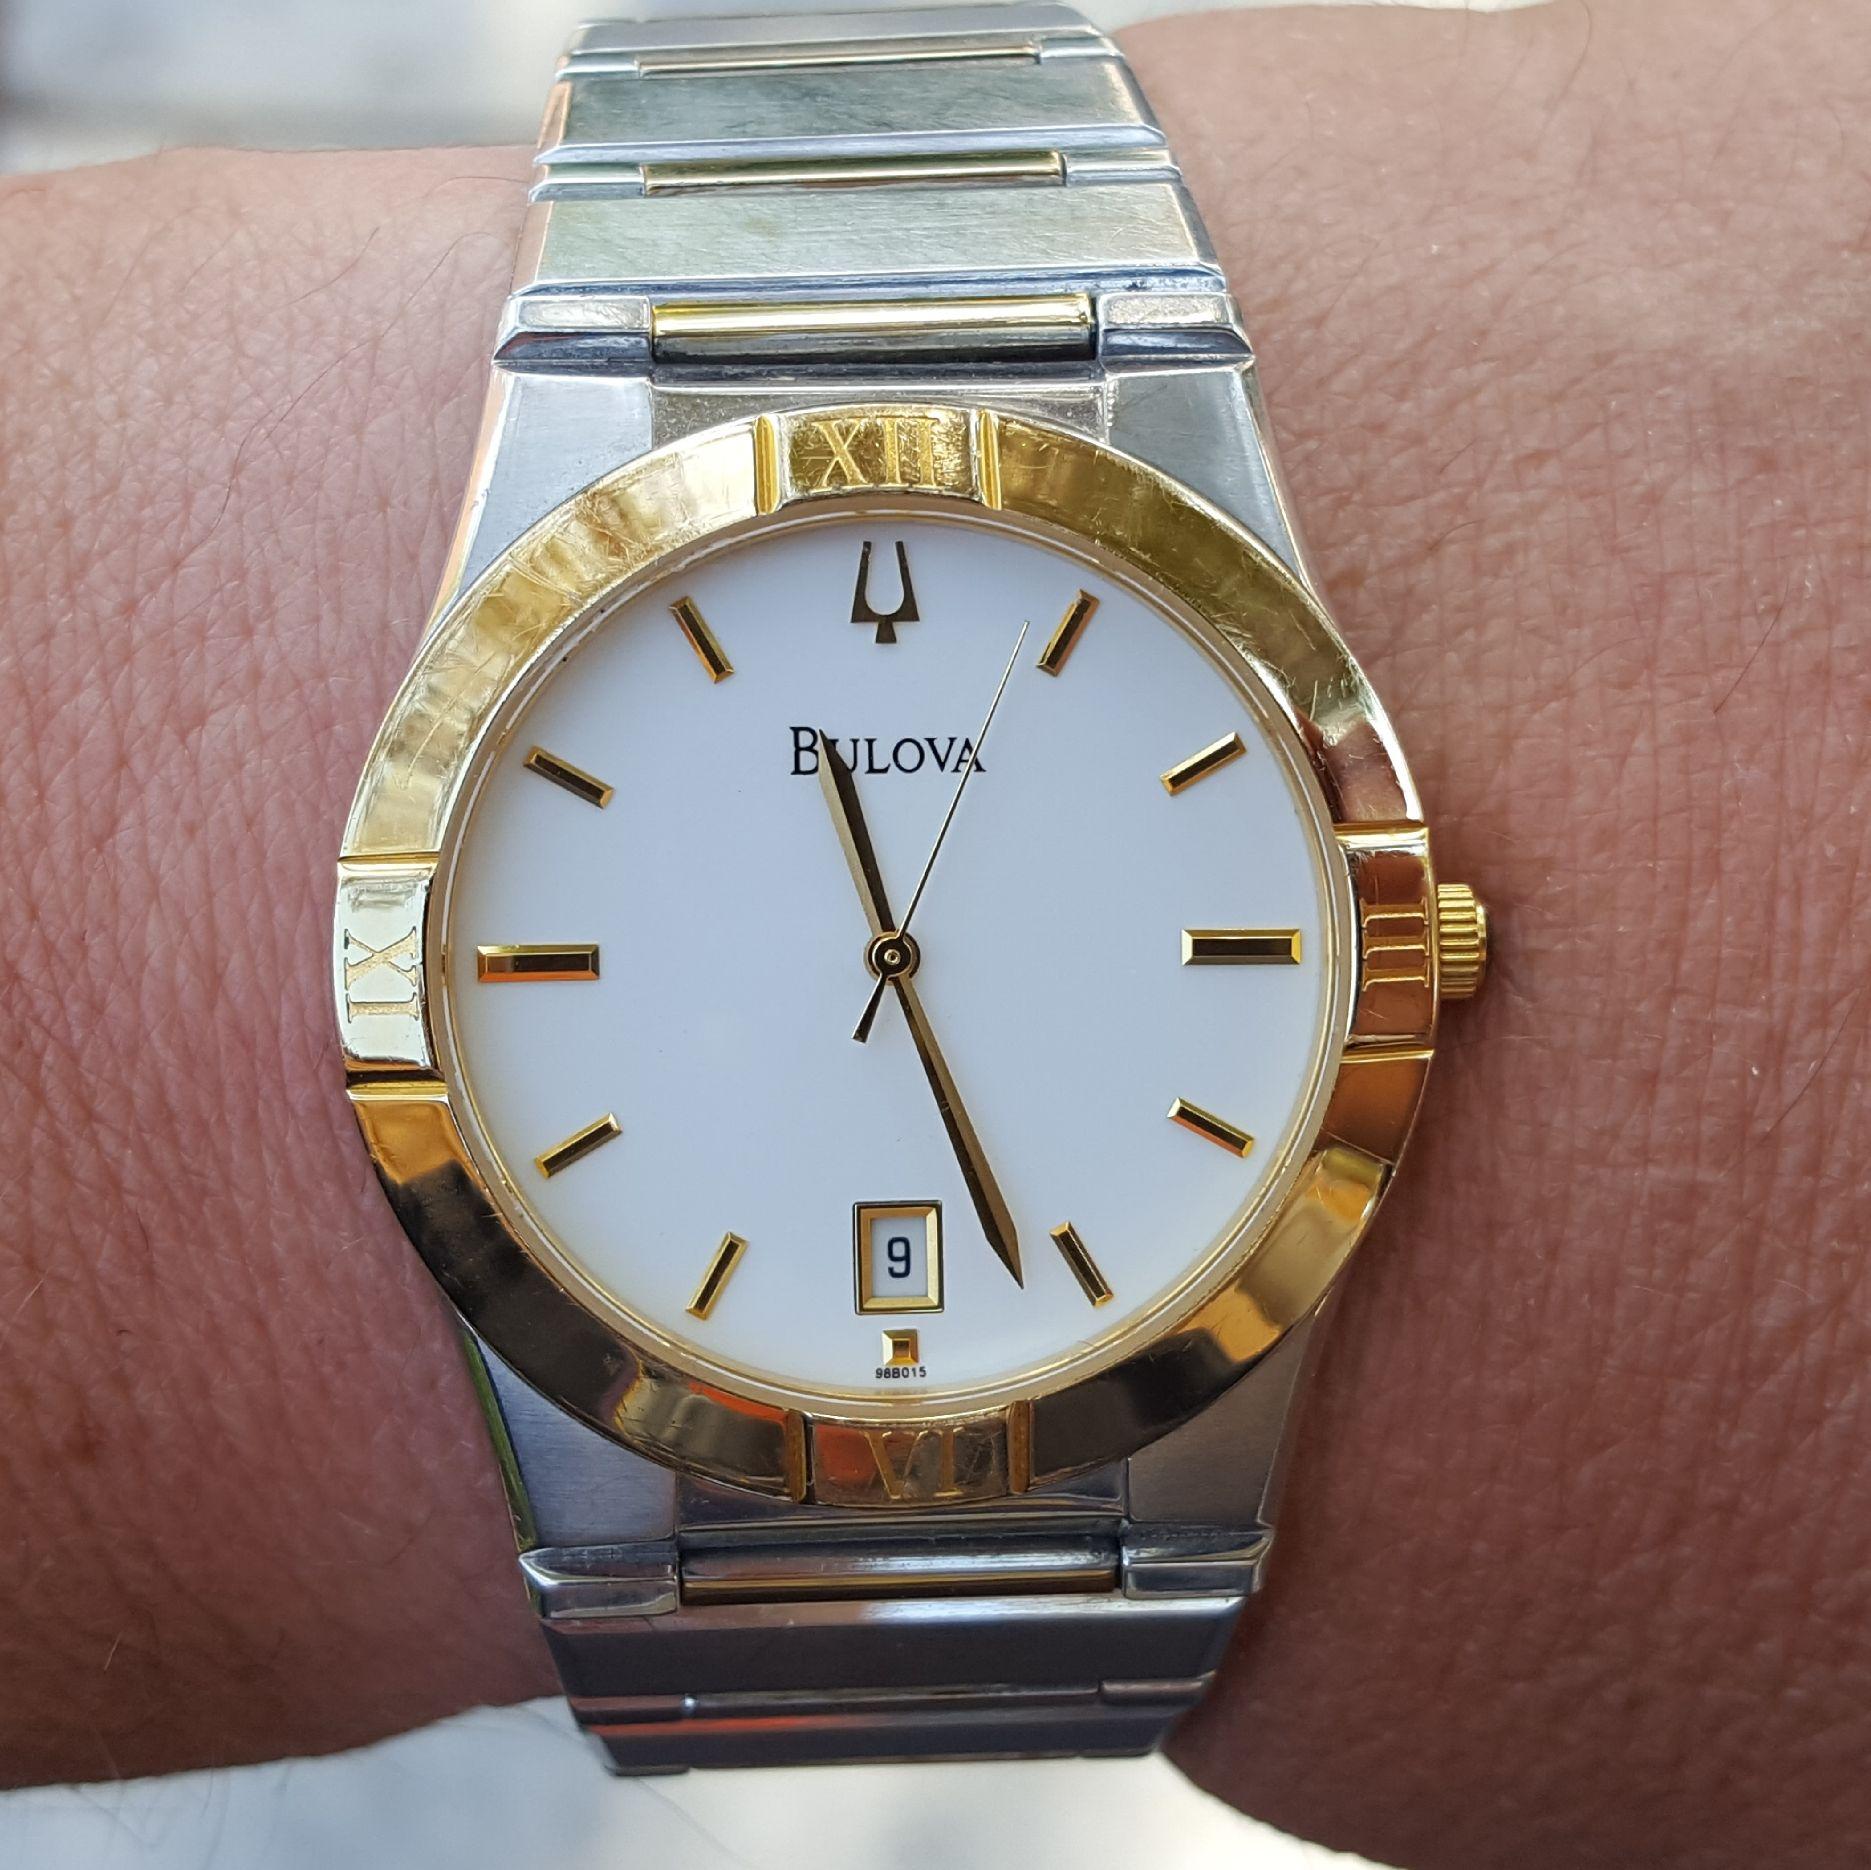 169286d60 Bulova C9671360 | Watches in 2019 | Rolex watches, Bulova, Watches